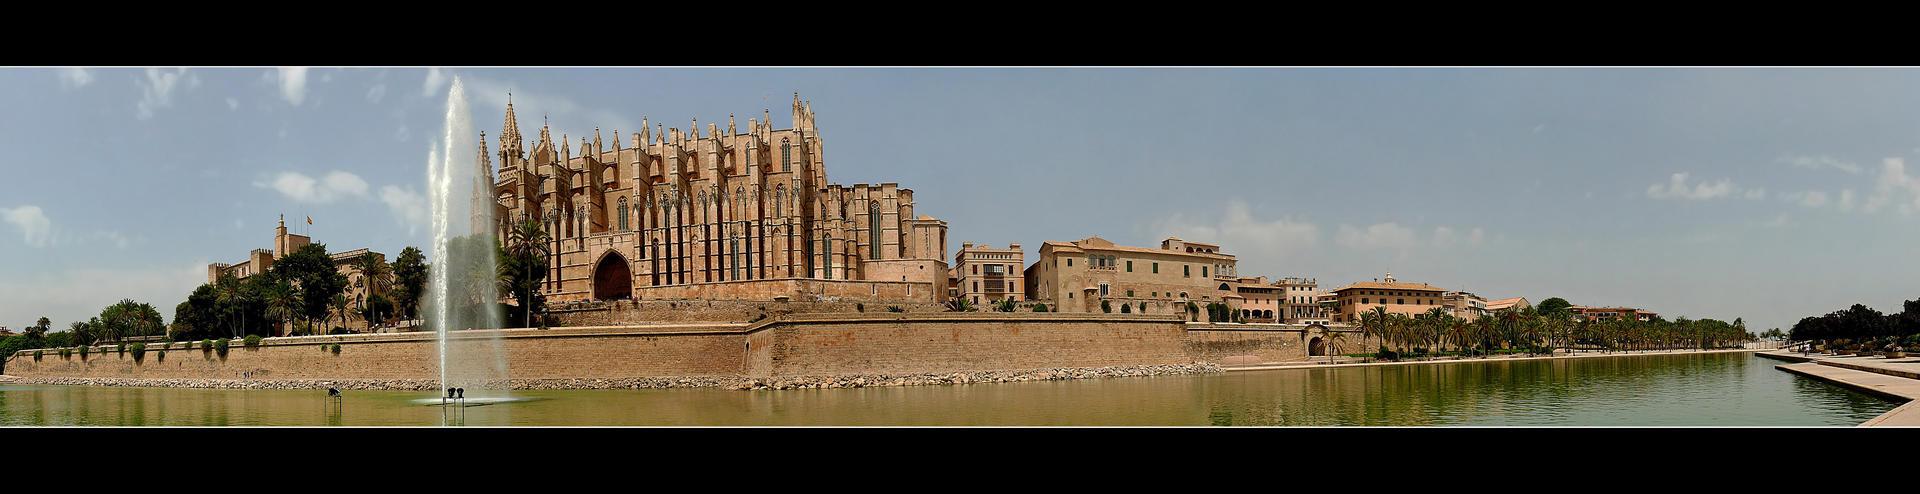 Heart Of Palma City - Mallorca by skarzynscy